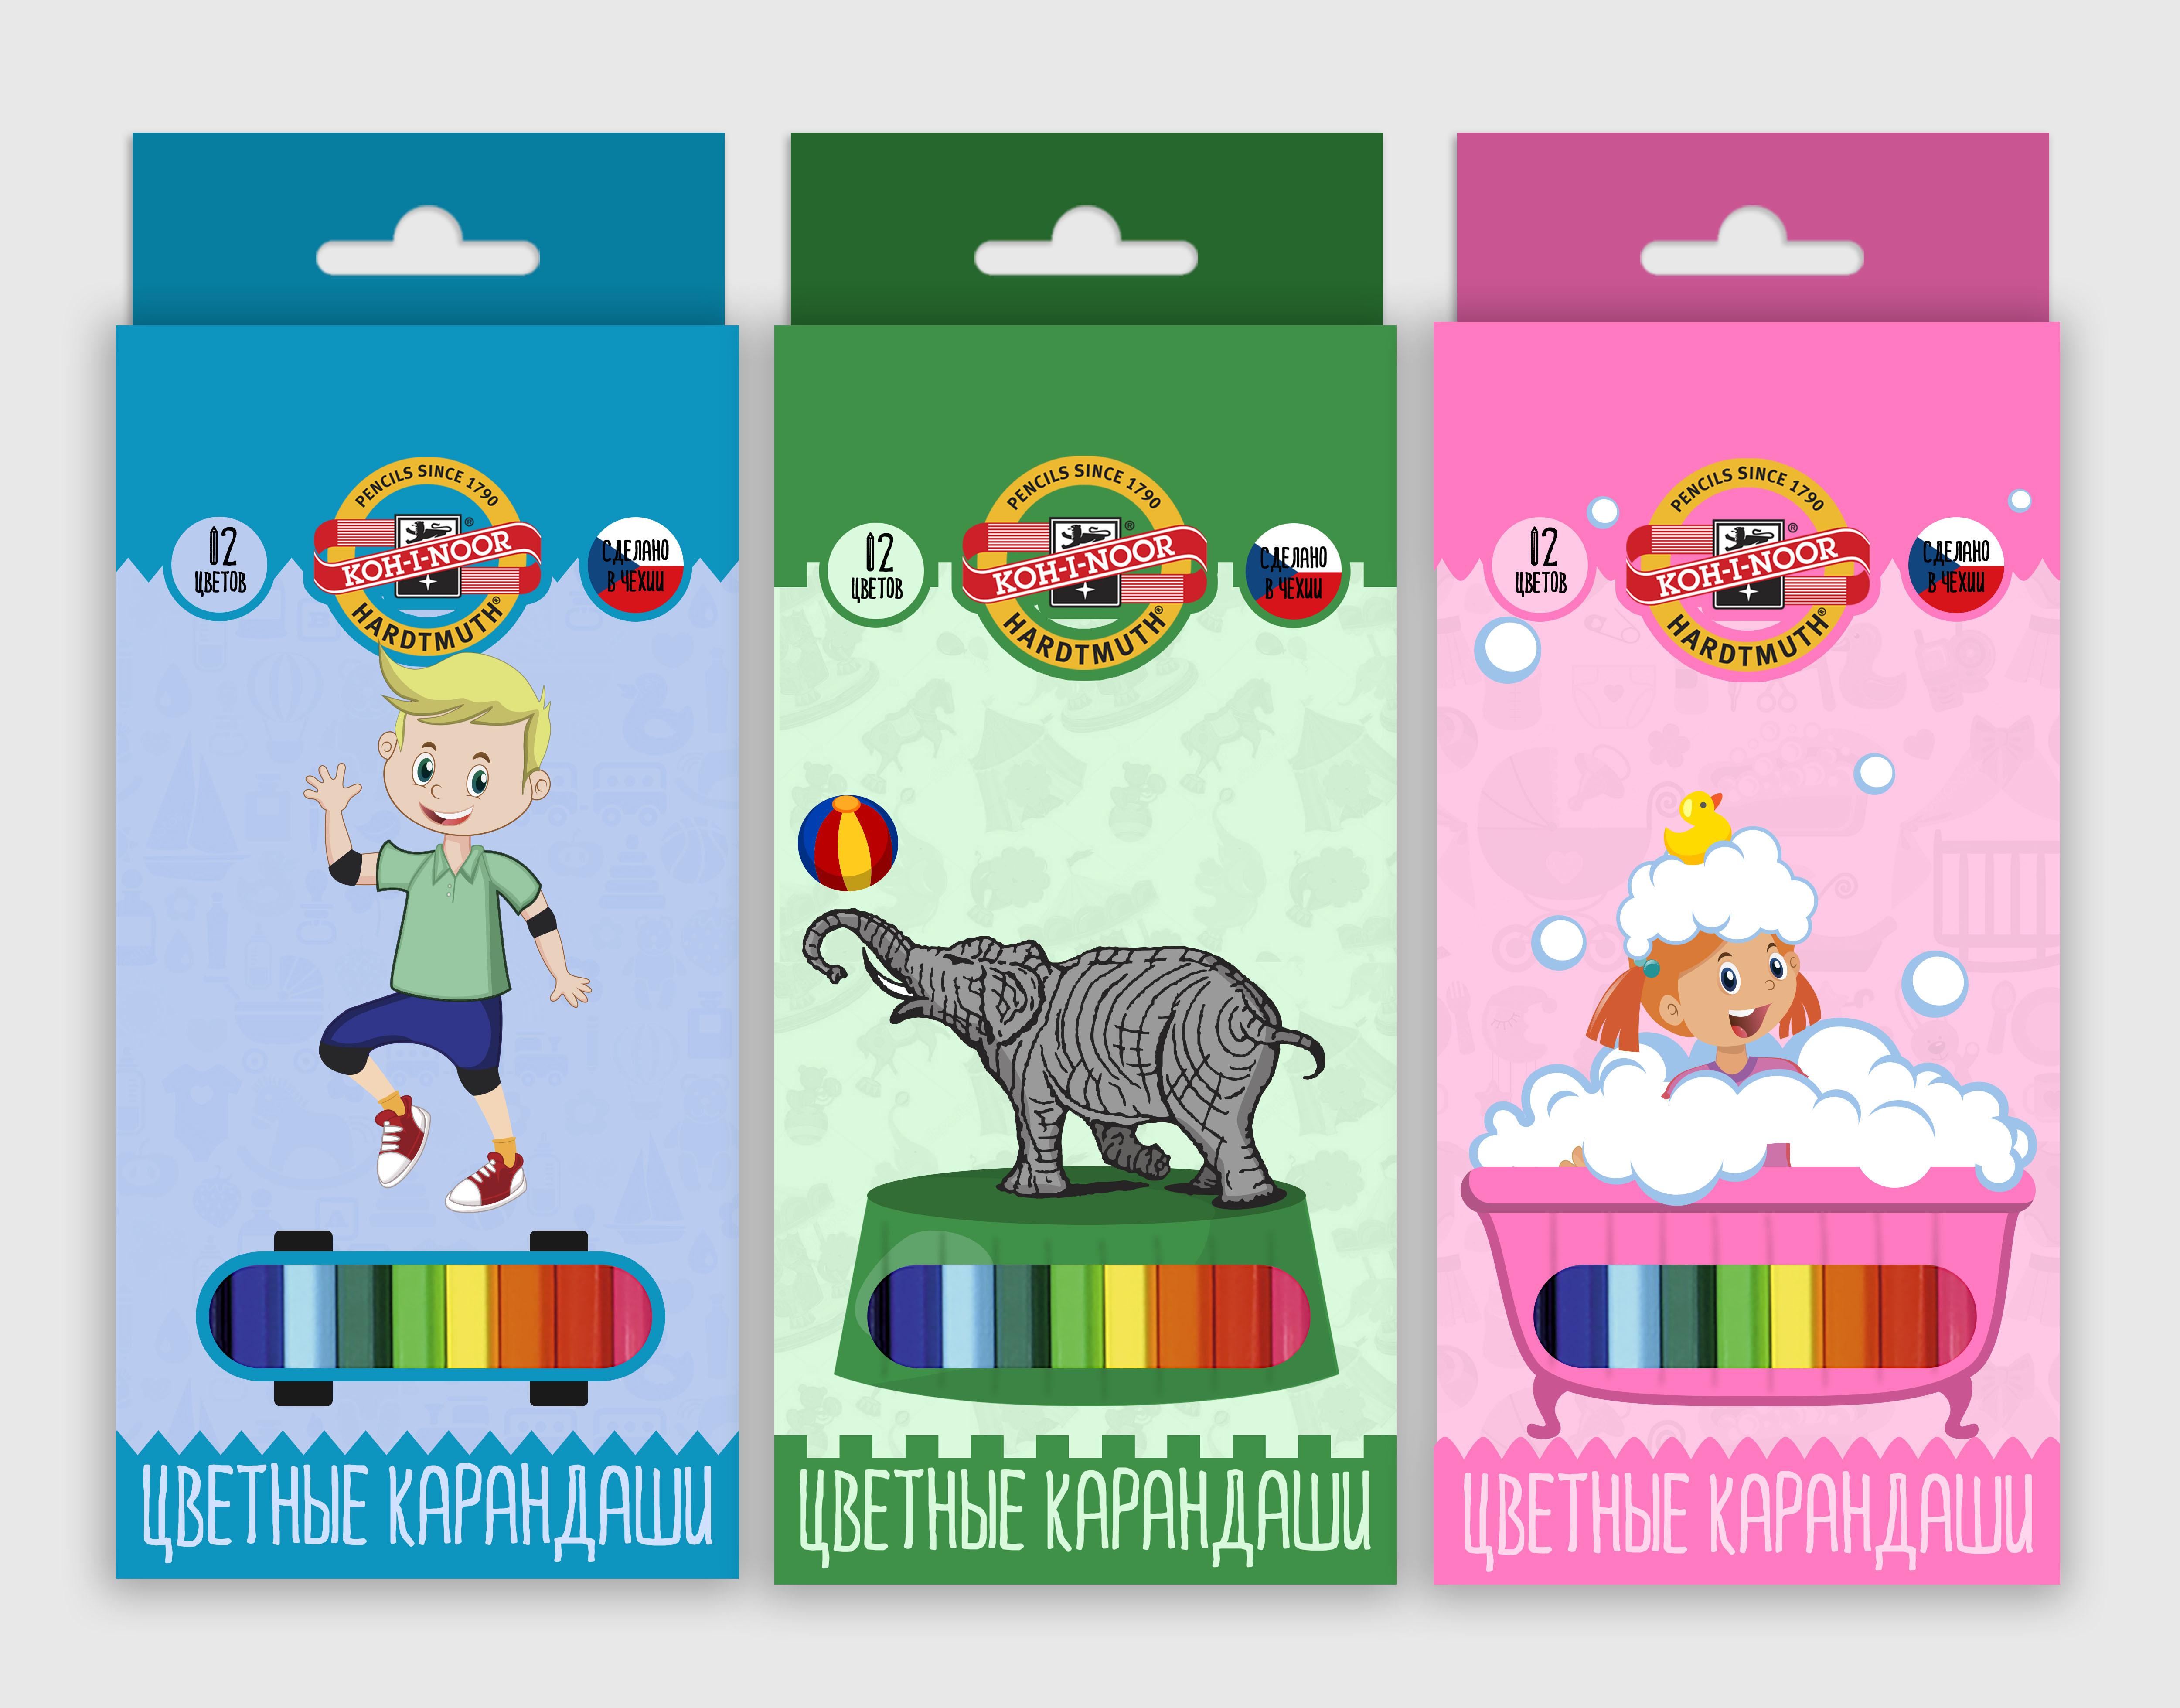 Разработка дизайна упаковки для чешского бренда KOH-I-NOOR фото f_14359ef1cc34b0d6.jpg